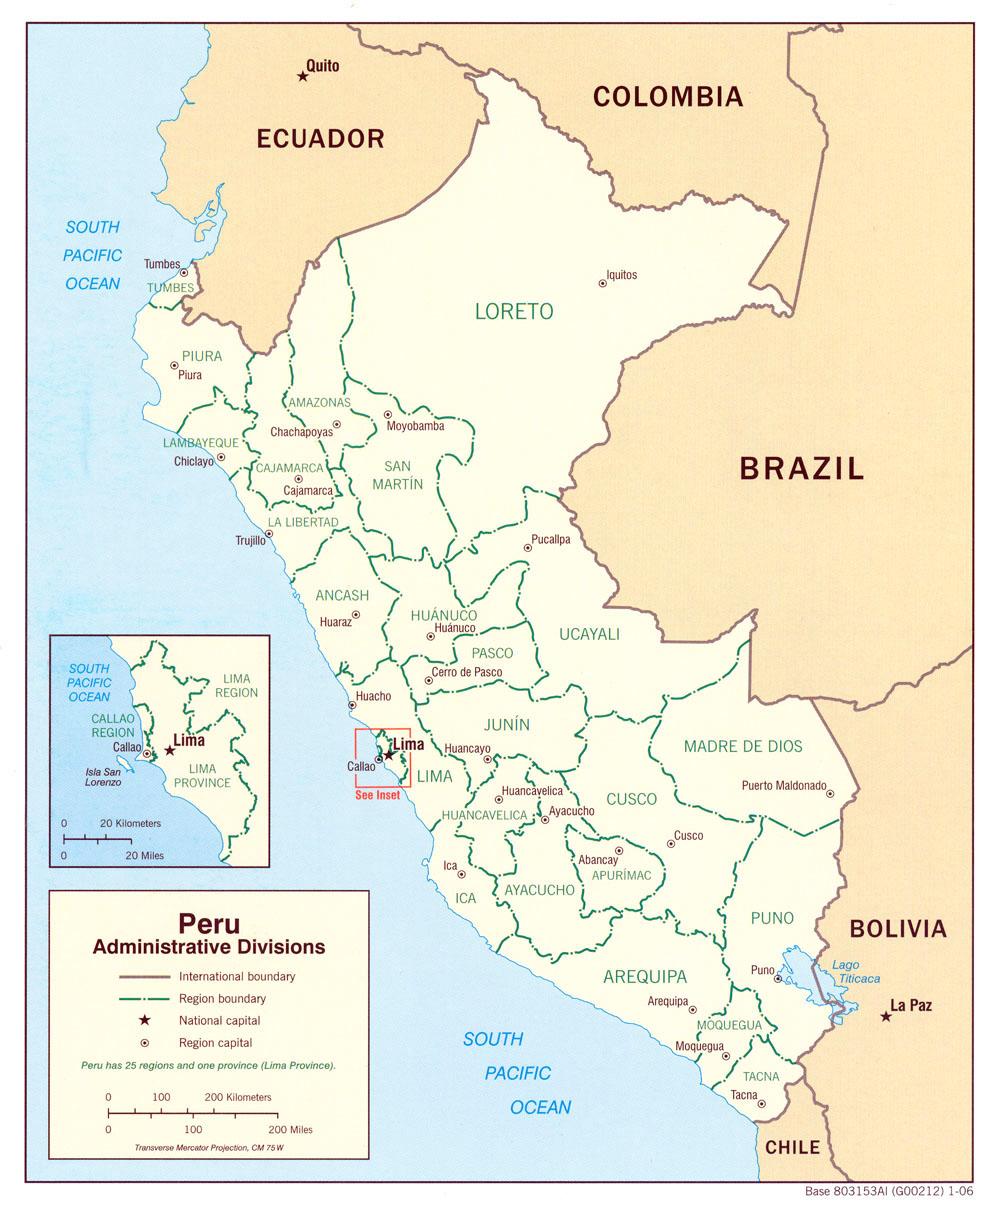 Mapa de las divisiones Administrativas de Perú